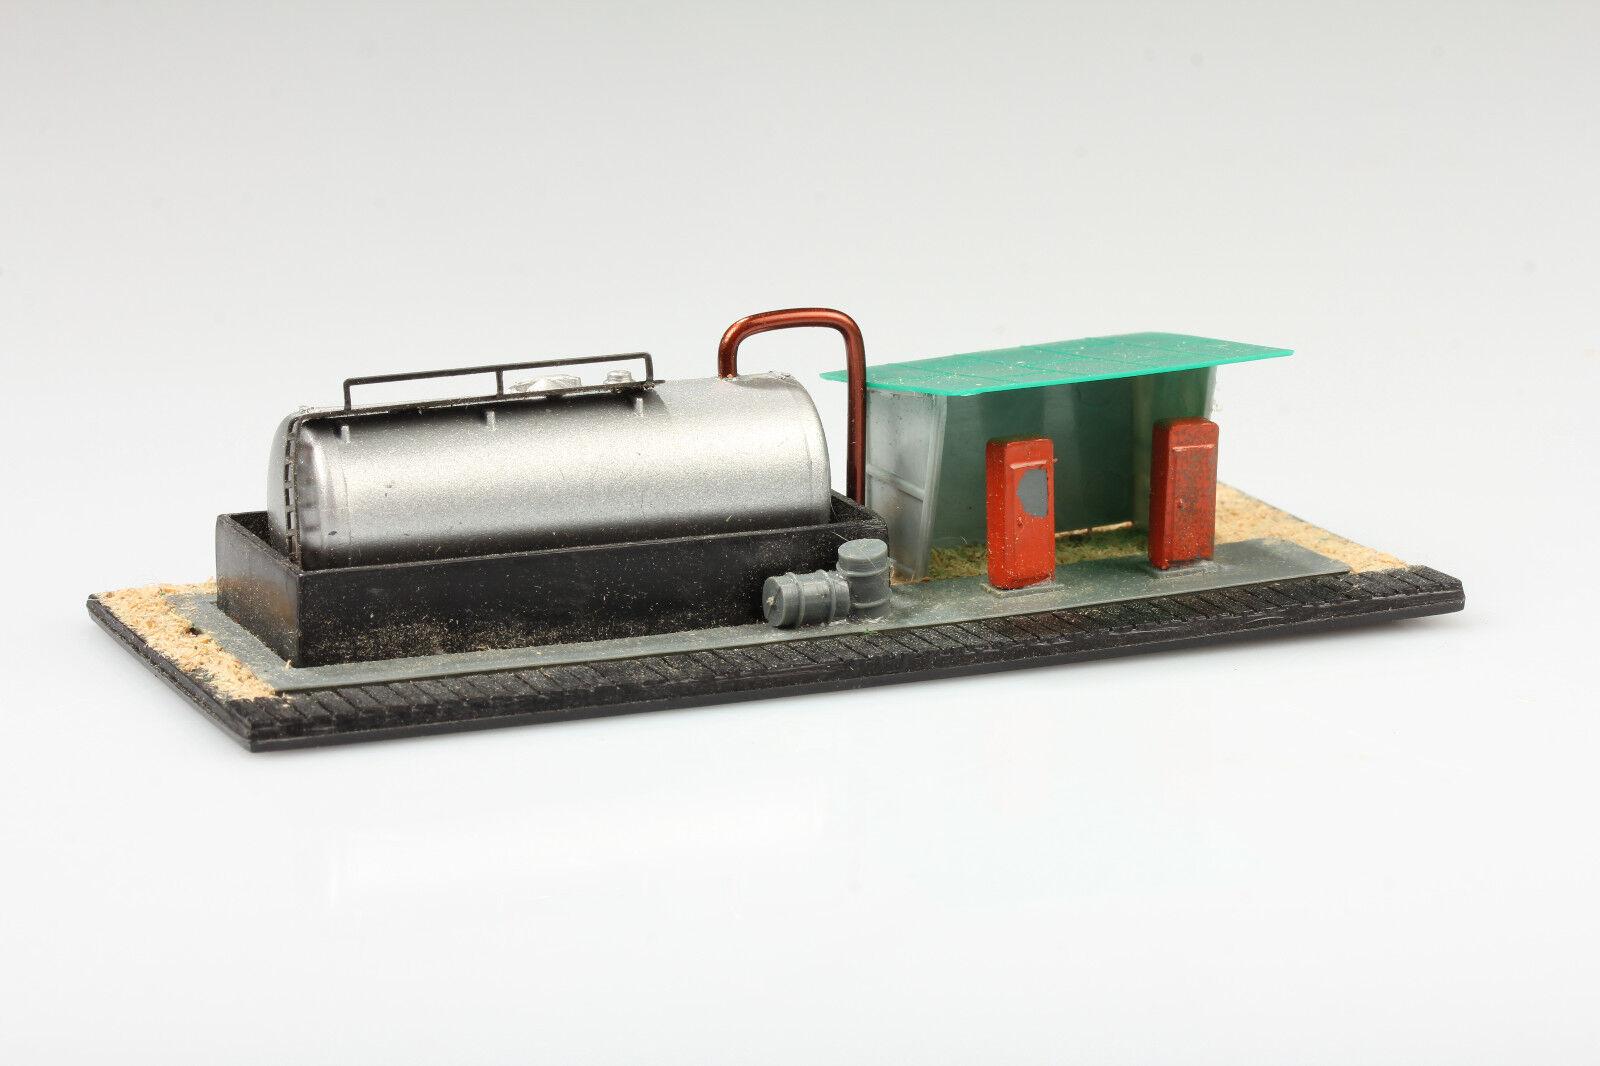 N bonita diesel diesel diesel gasolinera tanque apéndice suciedad deficiencias o. OVP cd62f0